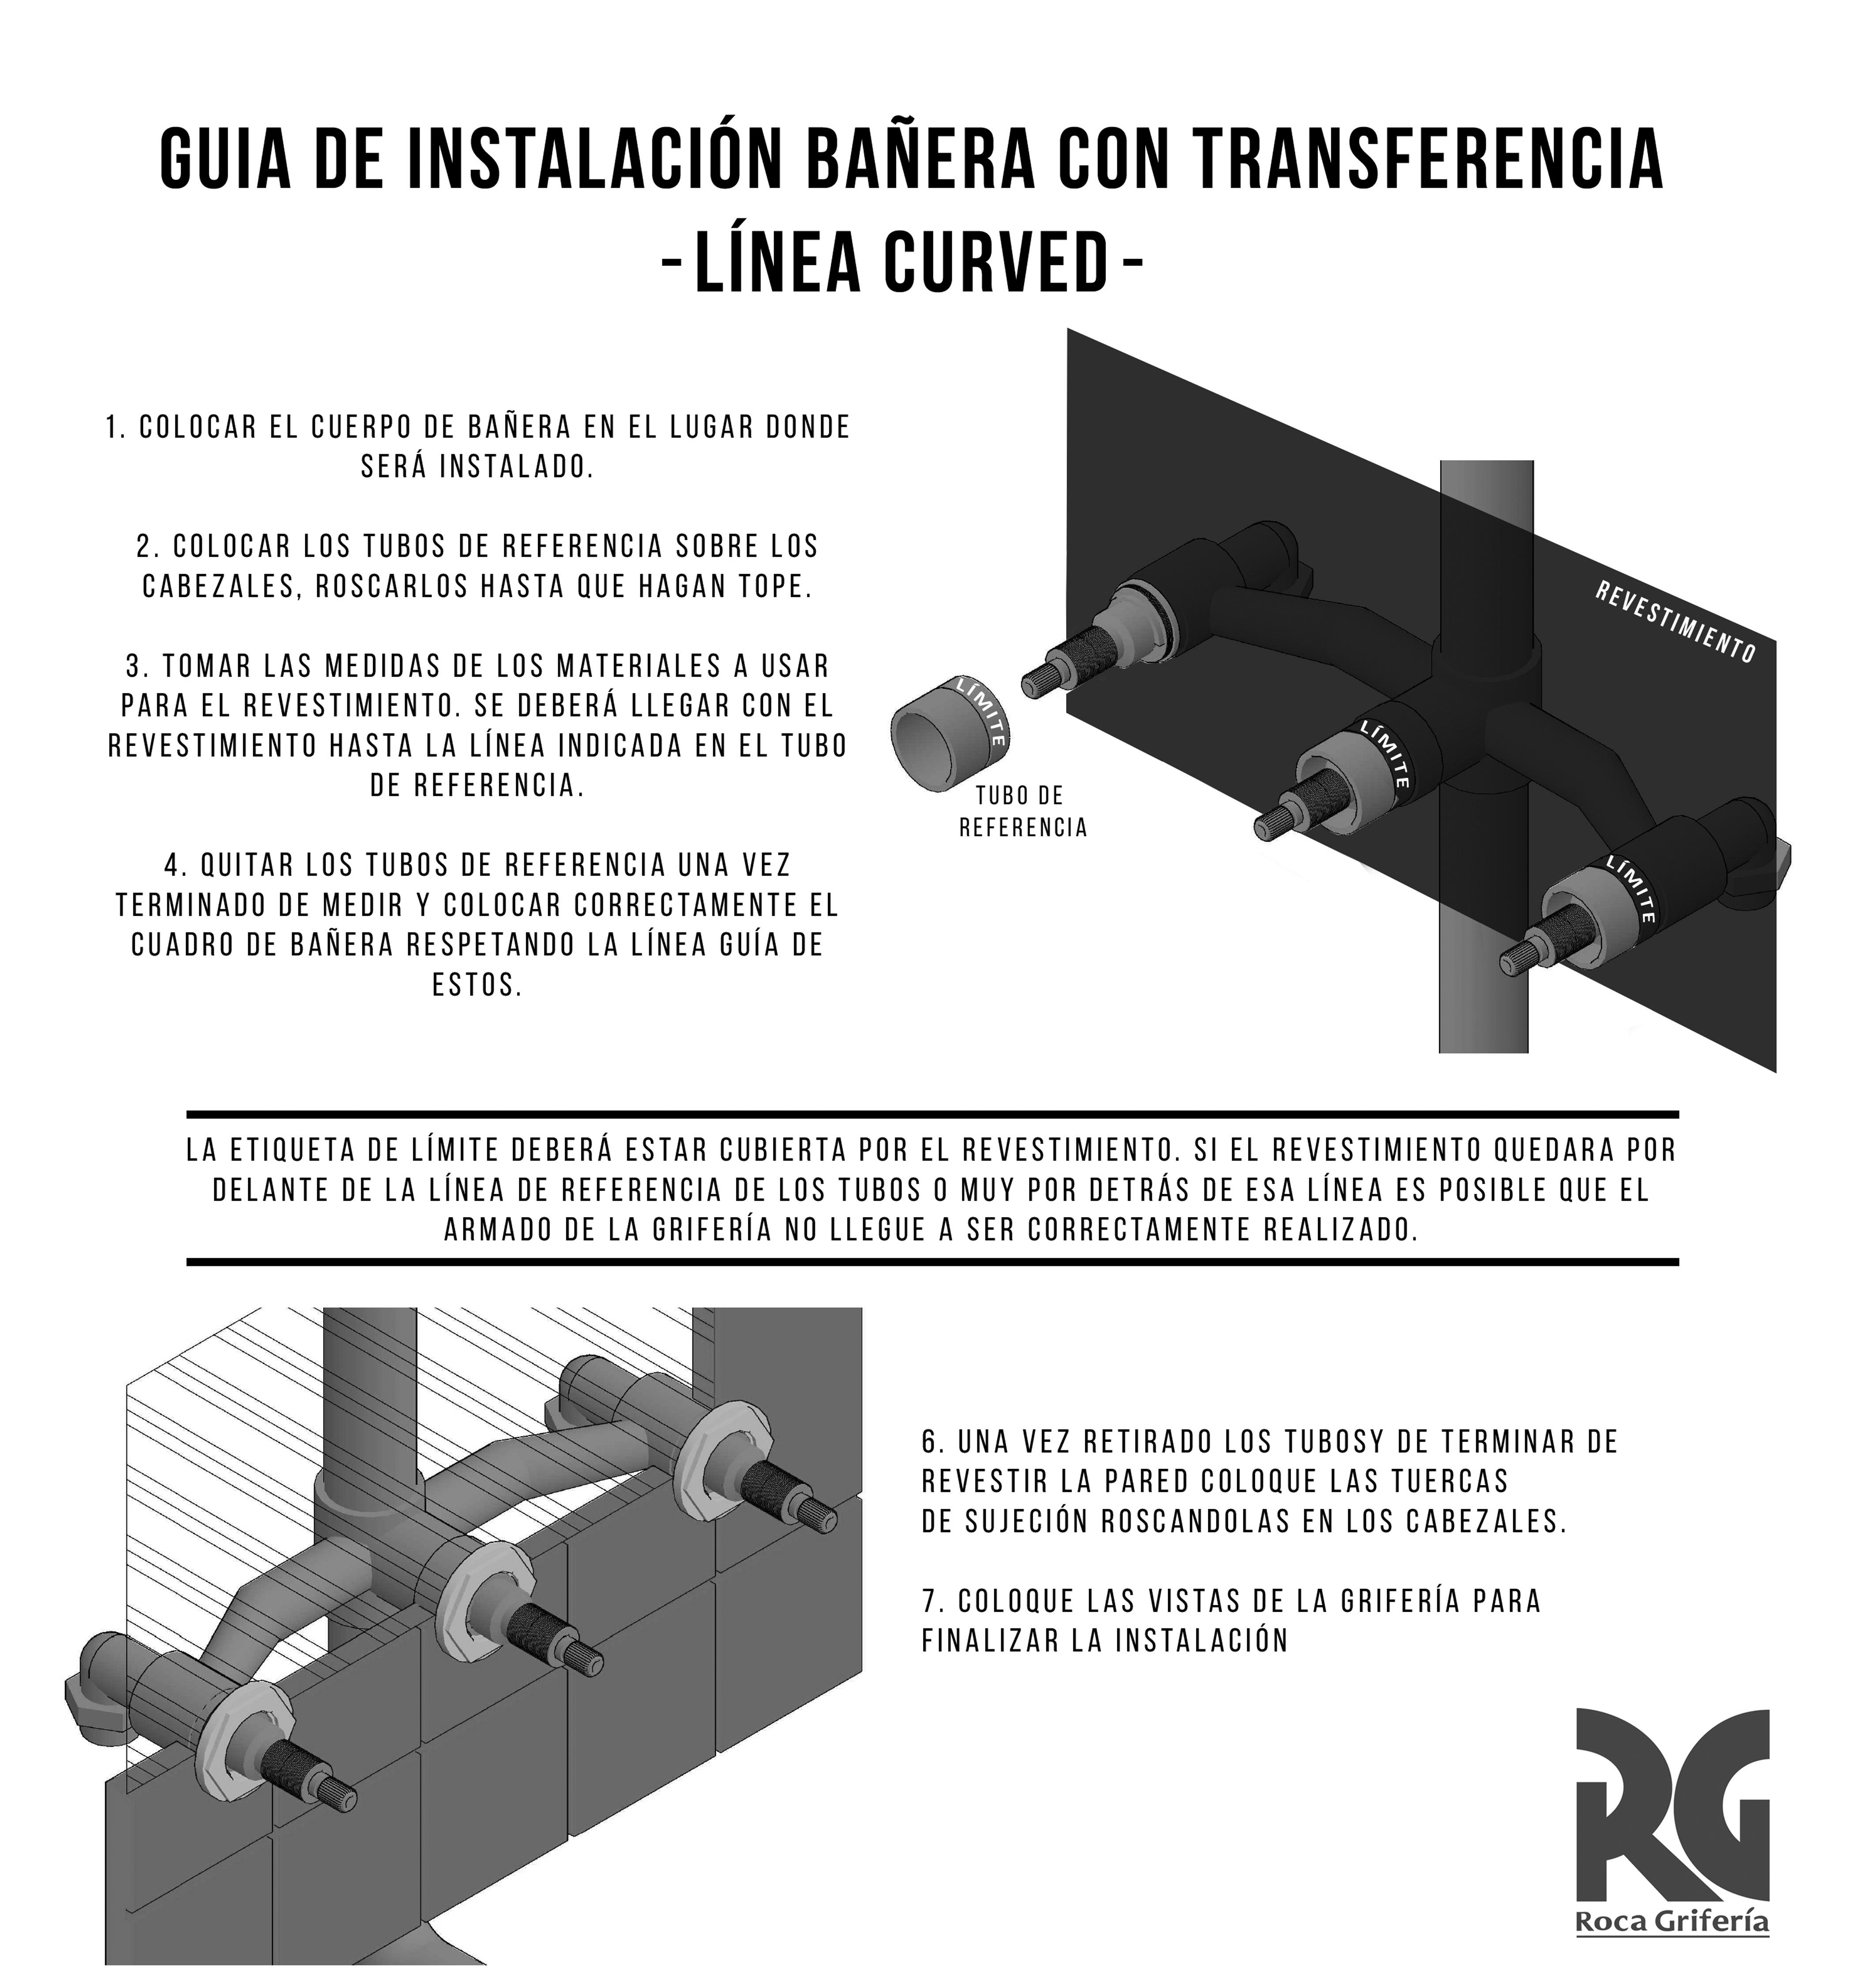 Manual de despiece 1 - Roca Grifería